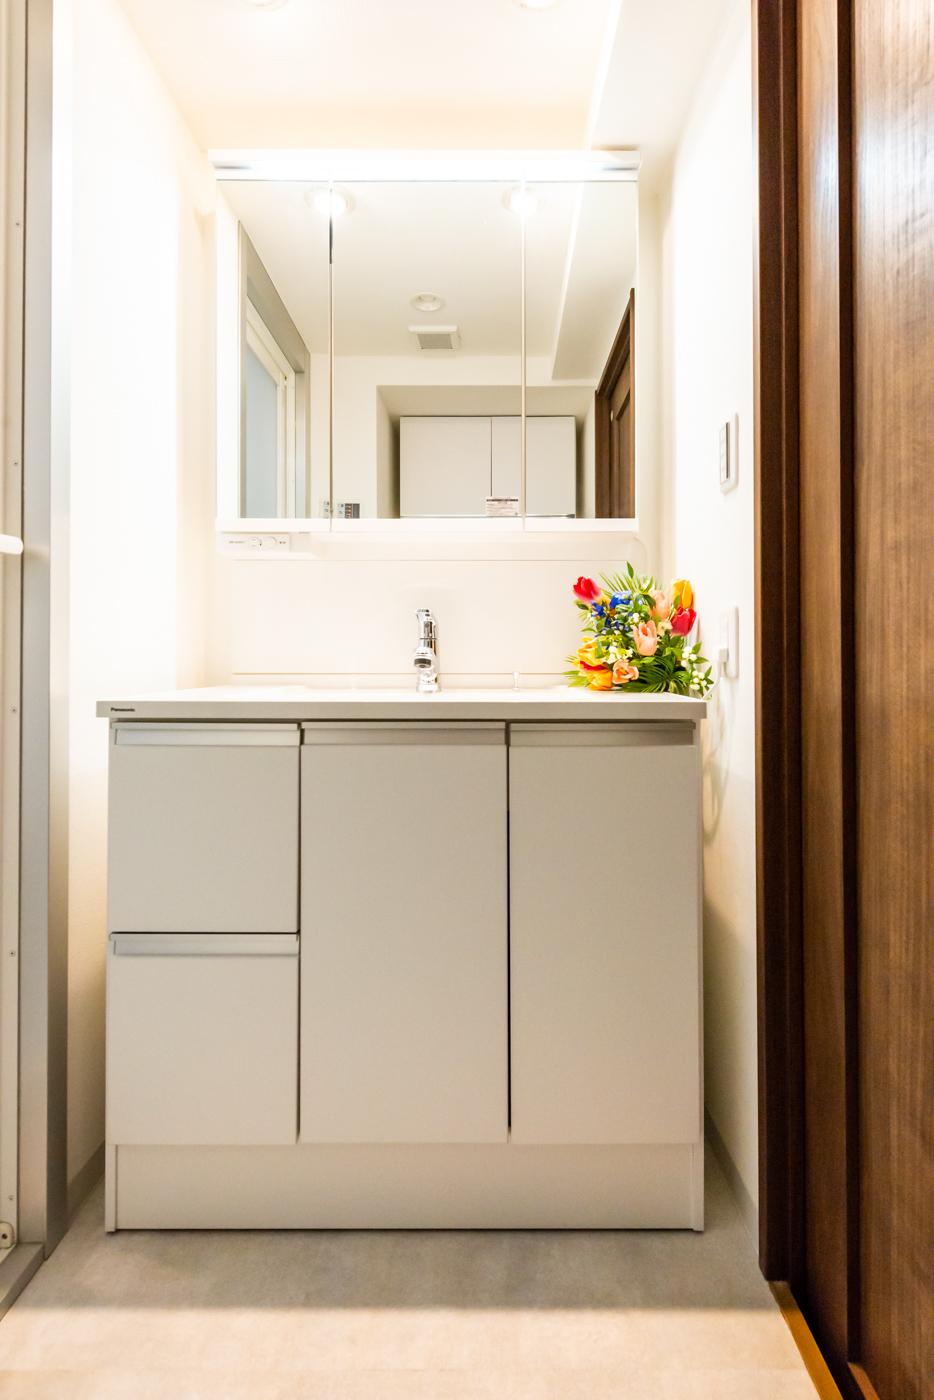 三面鏡とシャワー水栓付きの洗面台